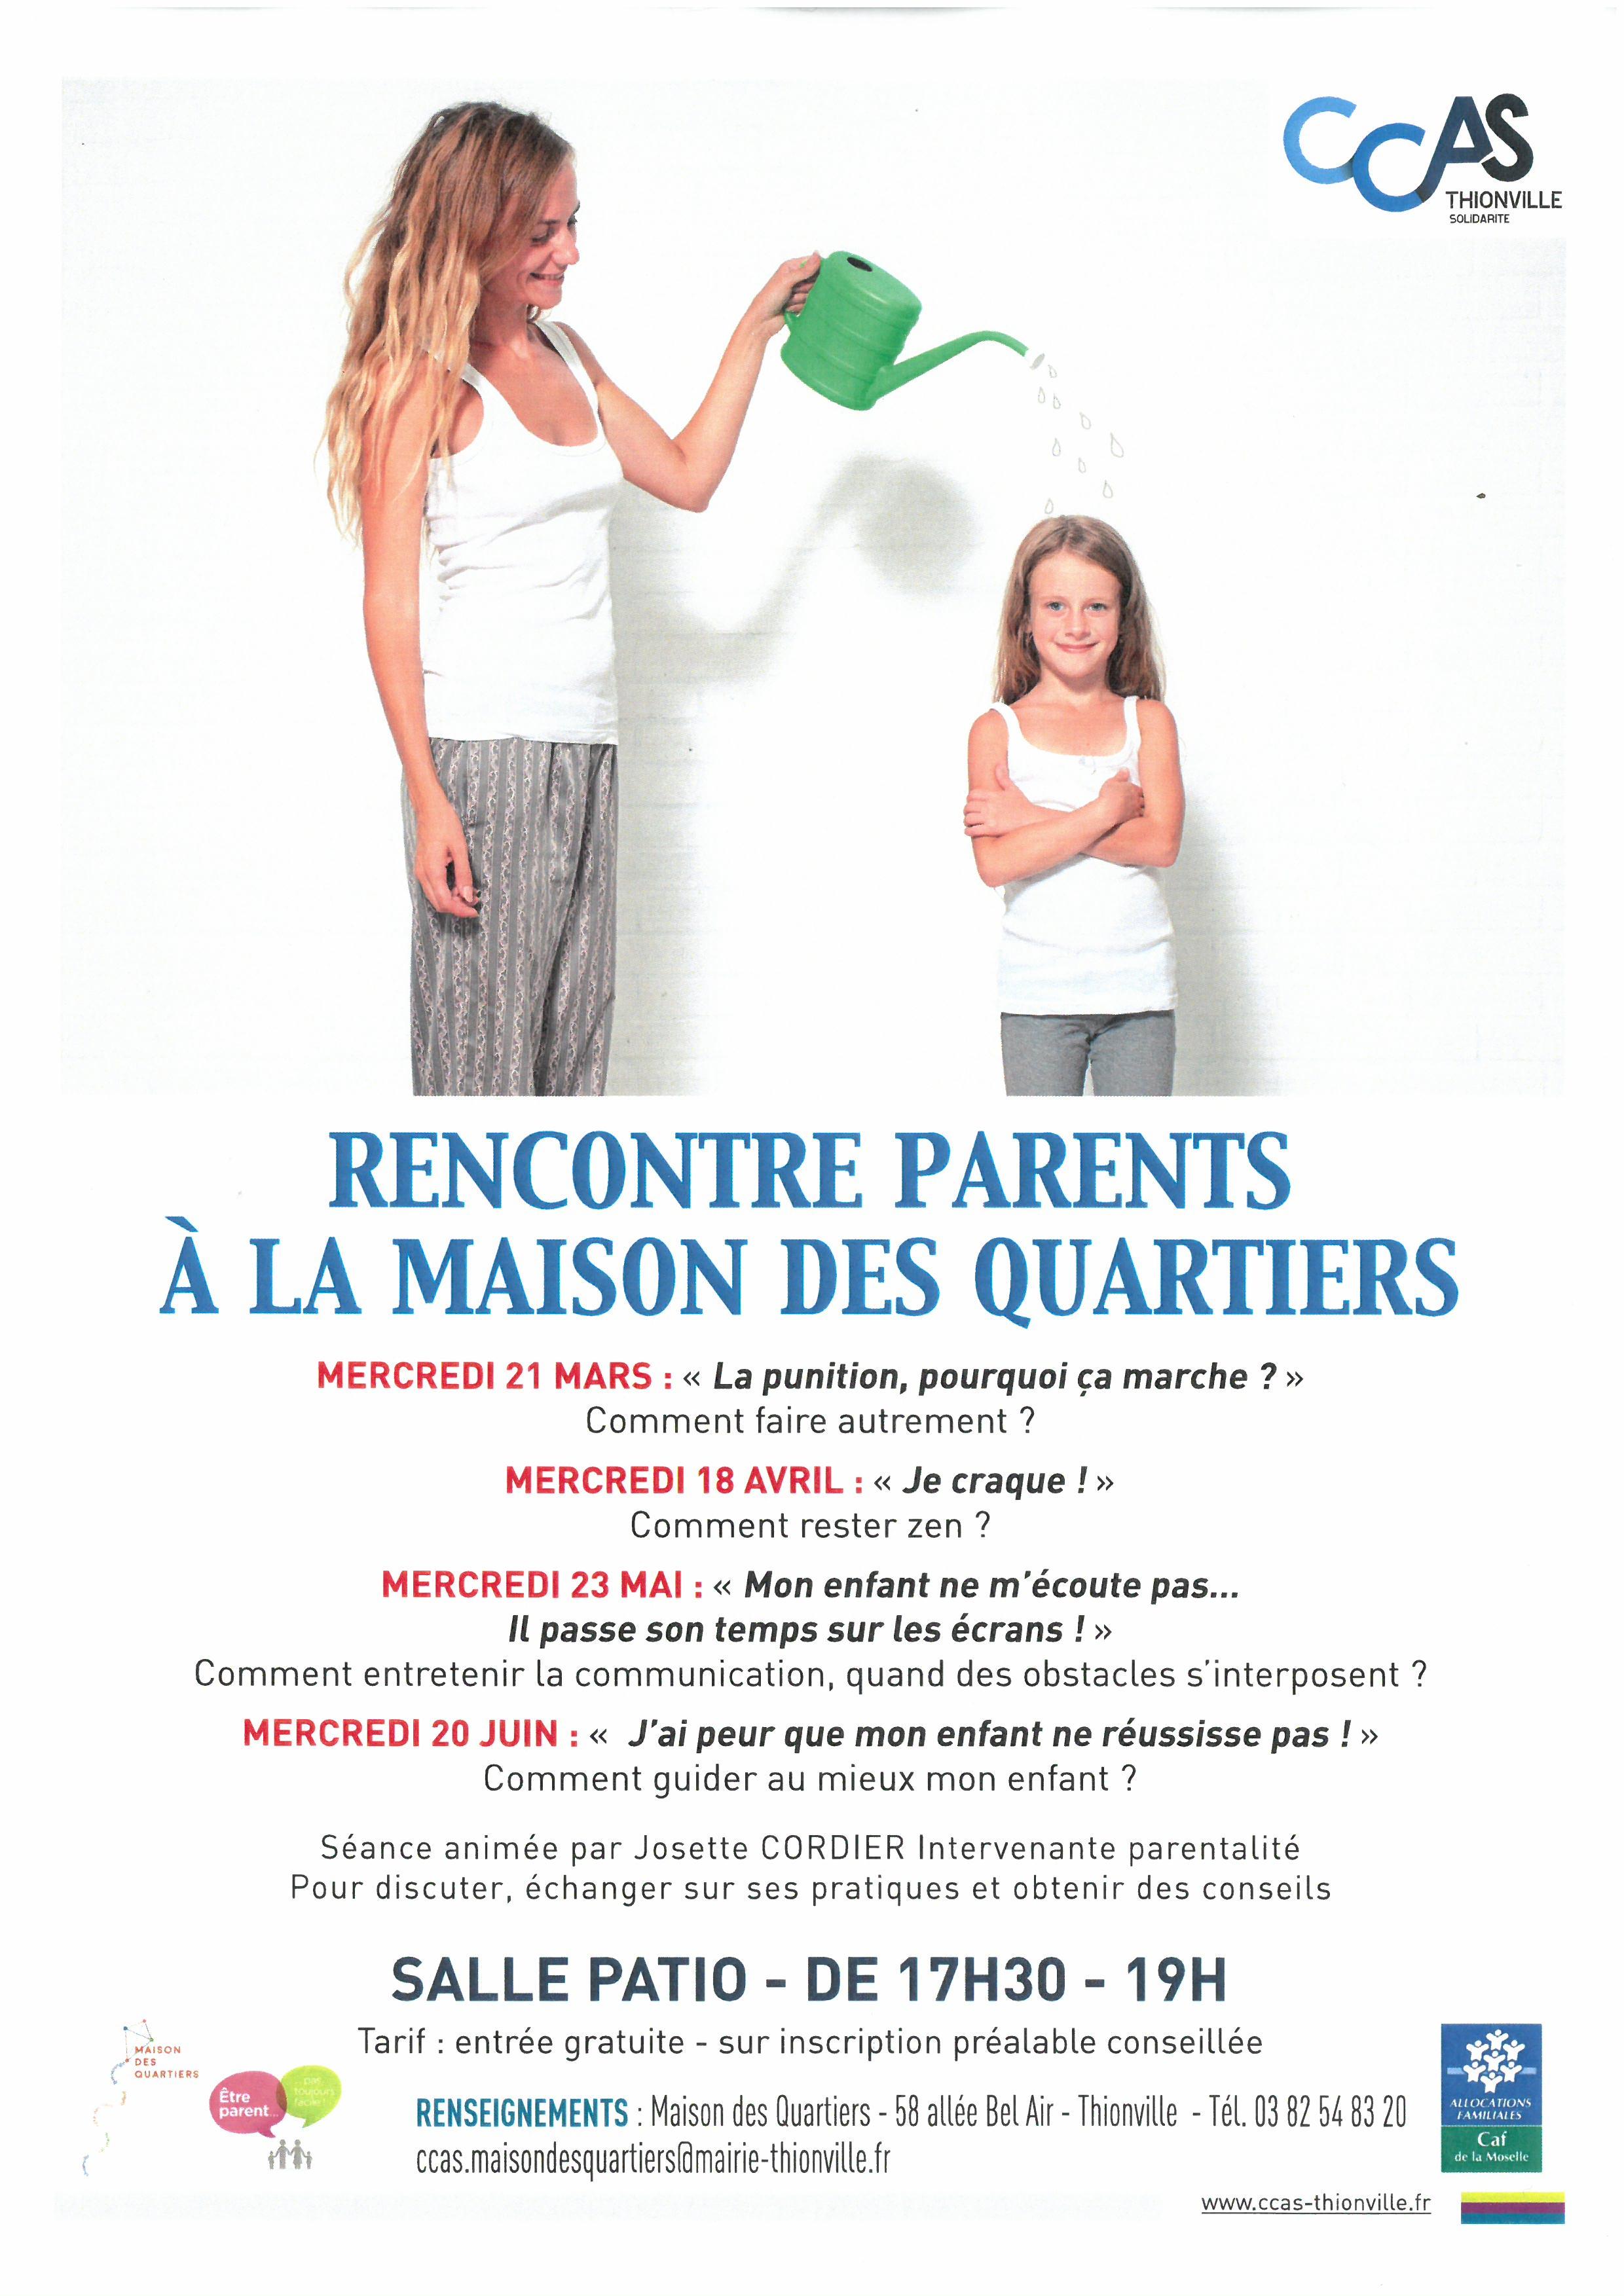 RENCONTRE PARENTS A LA MAISON DE QUARTIER